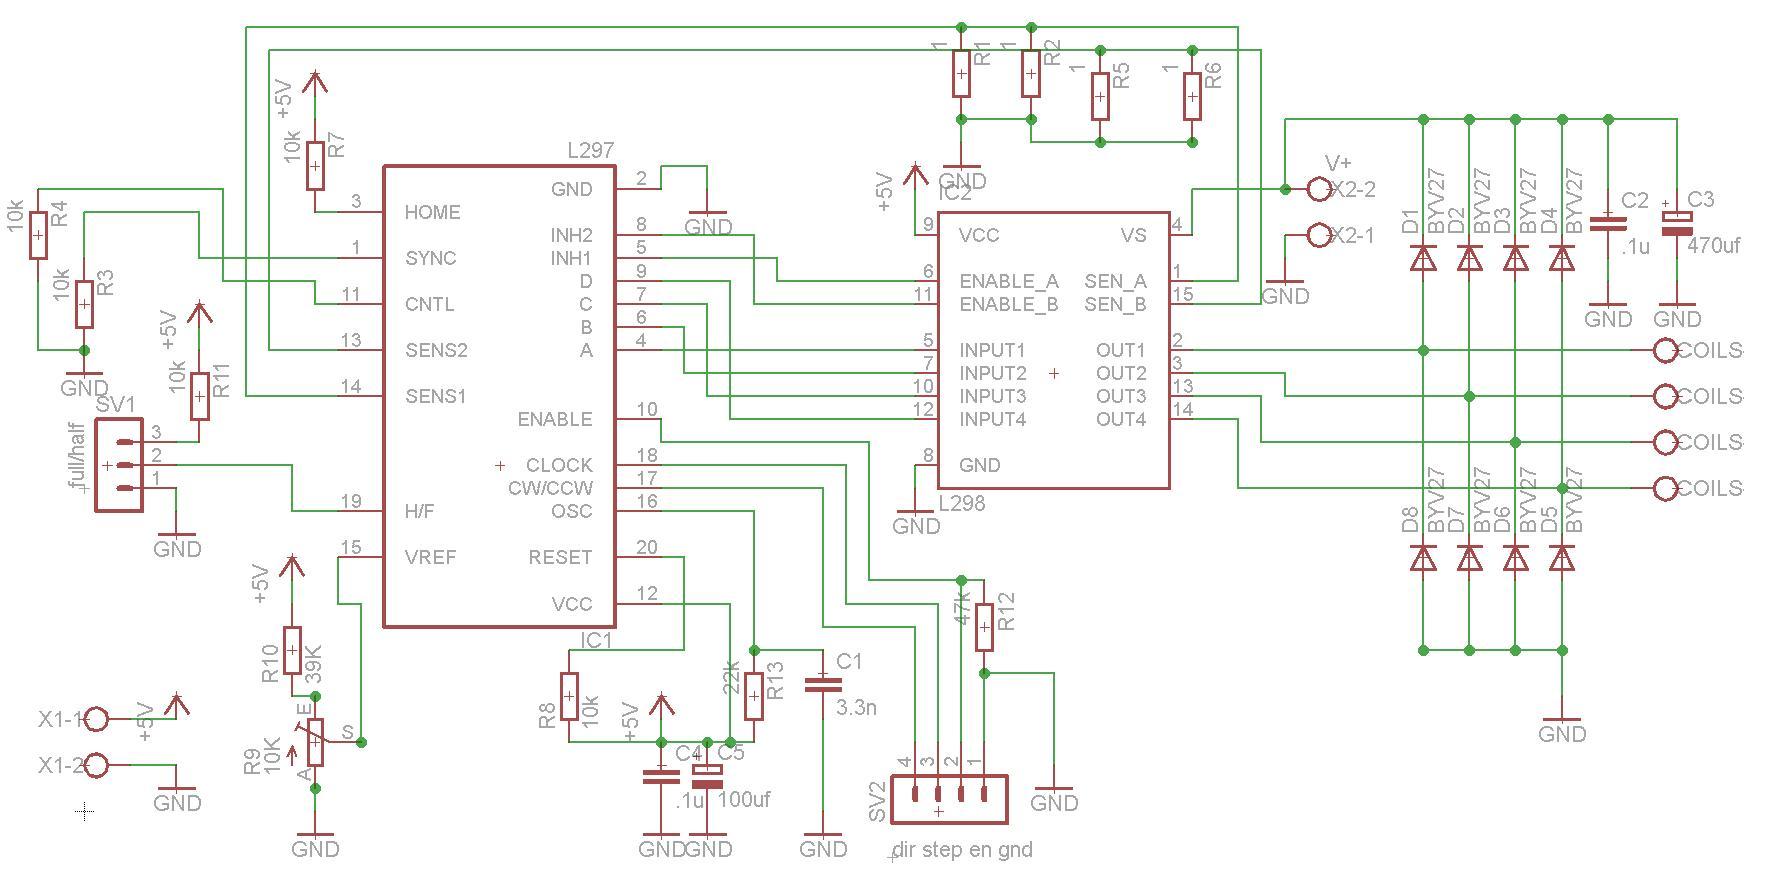 Schema Elettrico Trifase : Autocostruzione fresa cnc parte 3 elettronica club